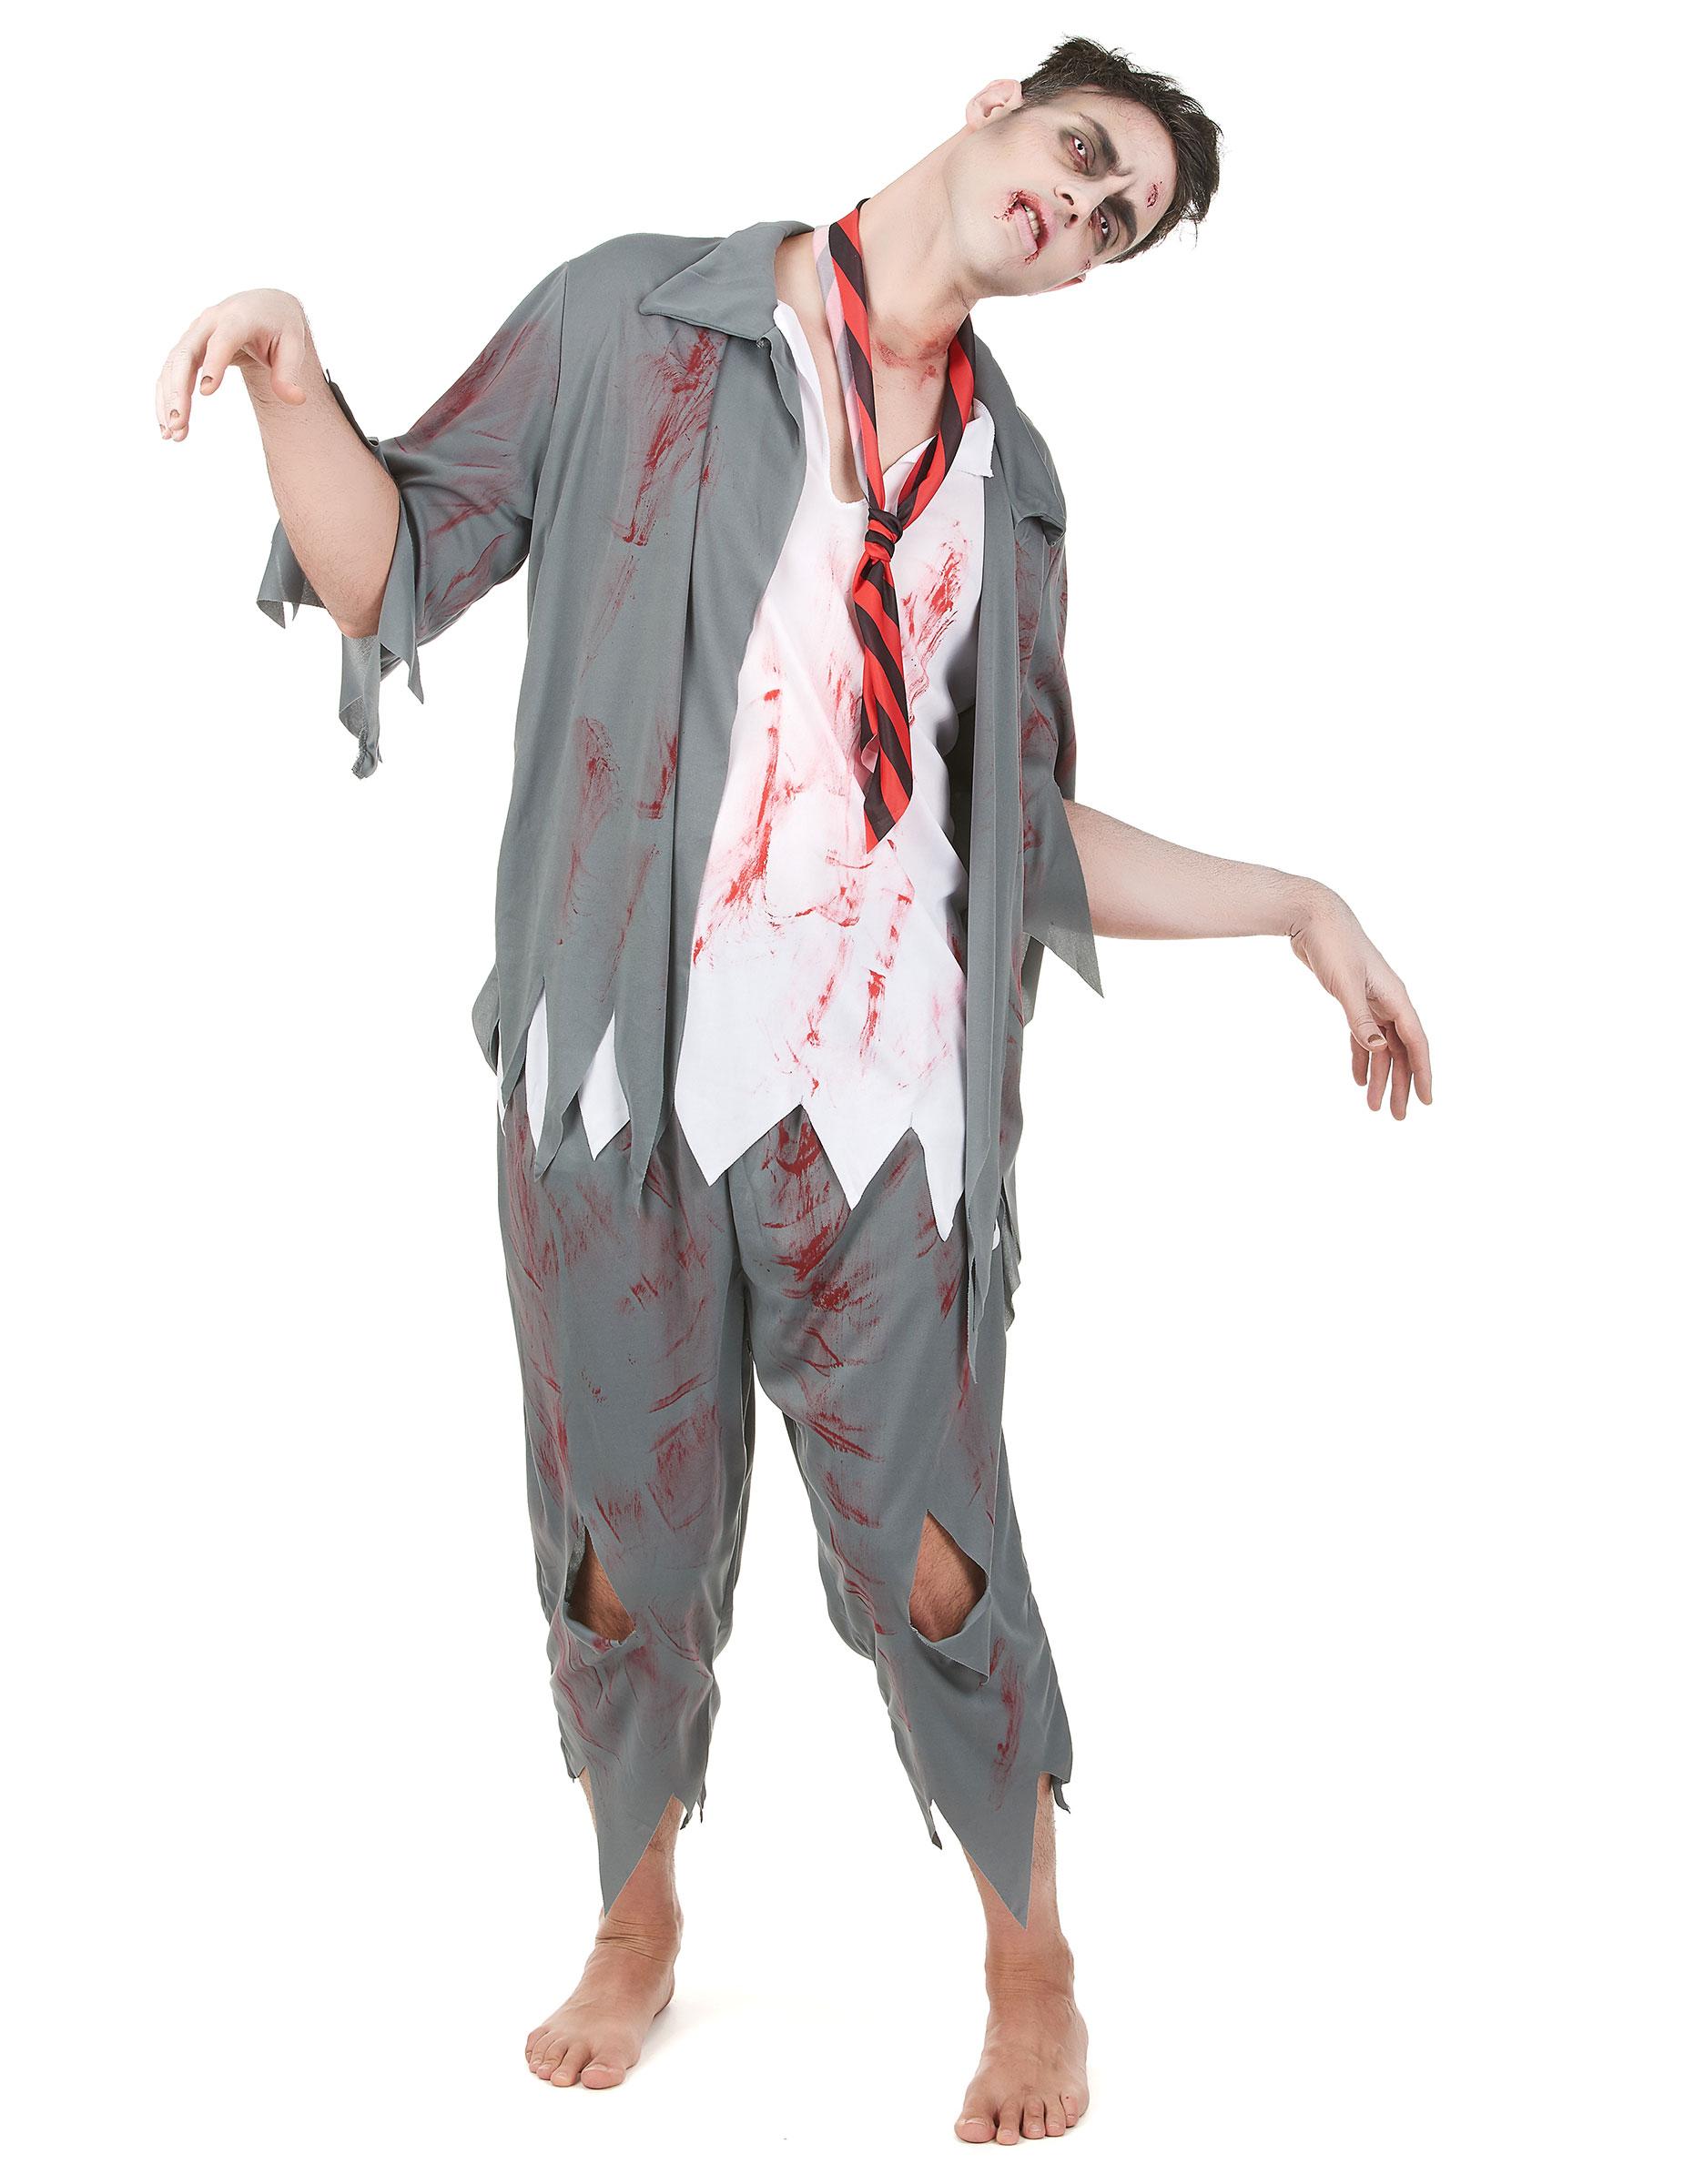 Costumi e vestiti da zombie per Halloween su Vegaoo.it 782a9bc1abec